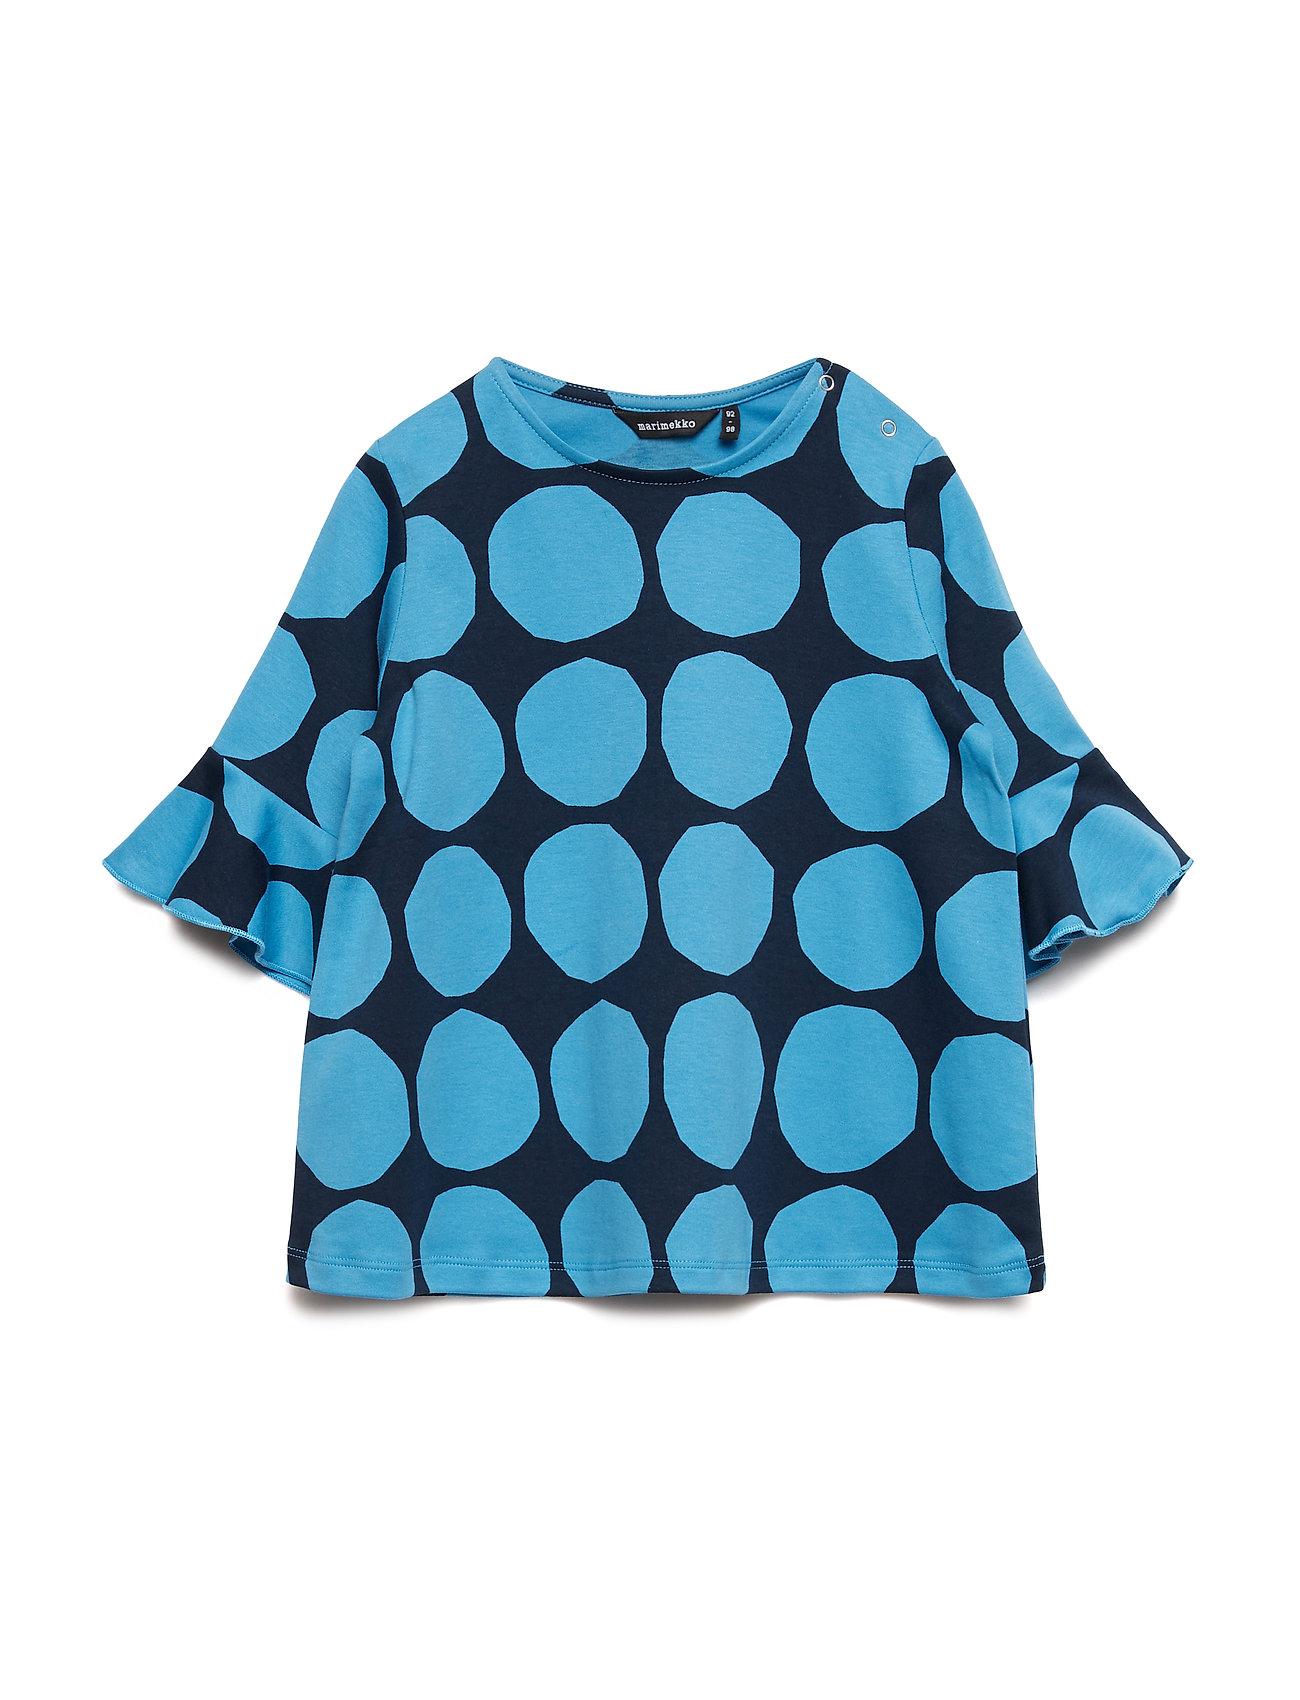 9e9ab5b622a Pomppia Mini Kivet 2 Tunic kortærmede t-shirts & toppe fra Marimekko ...